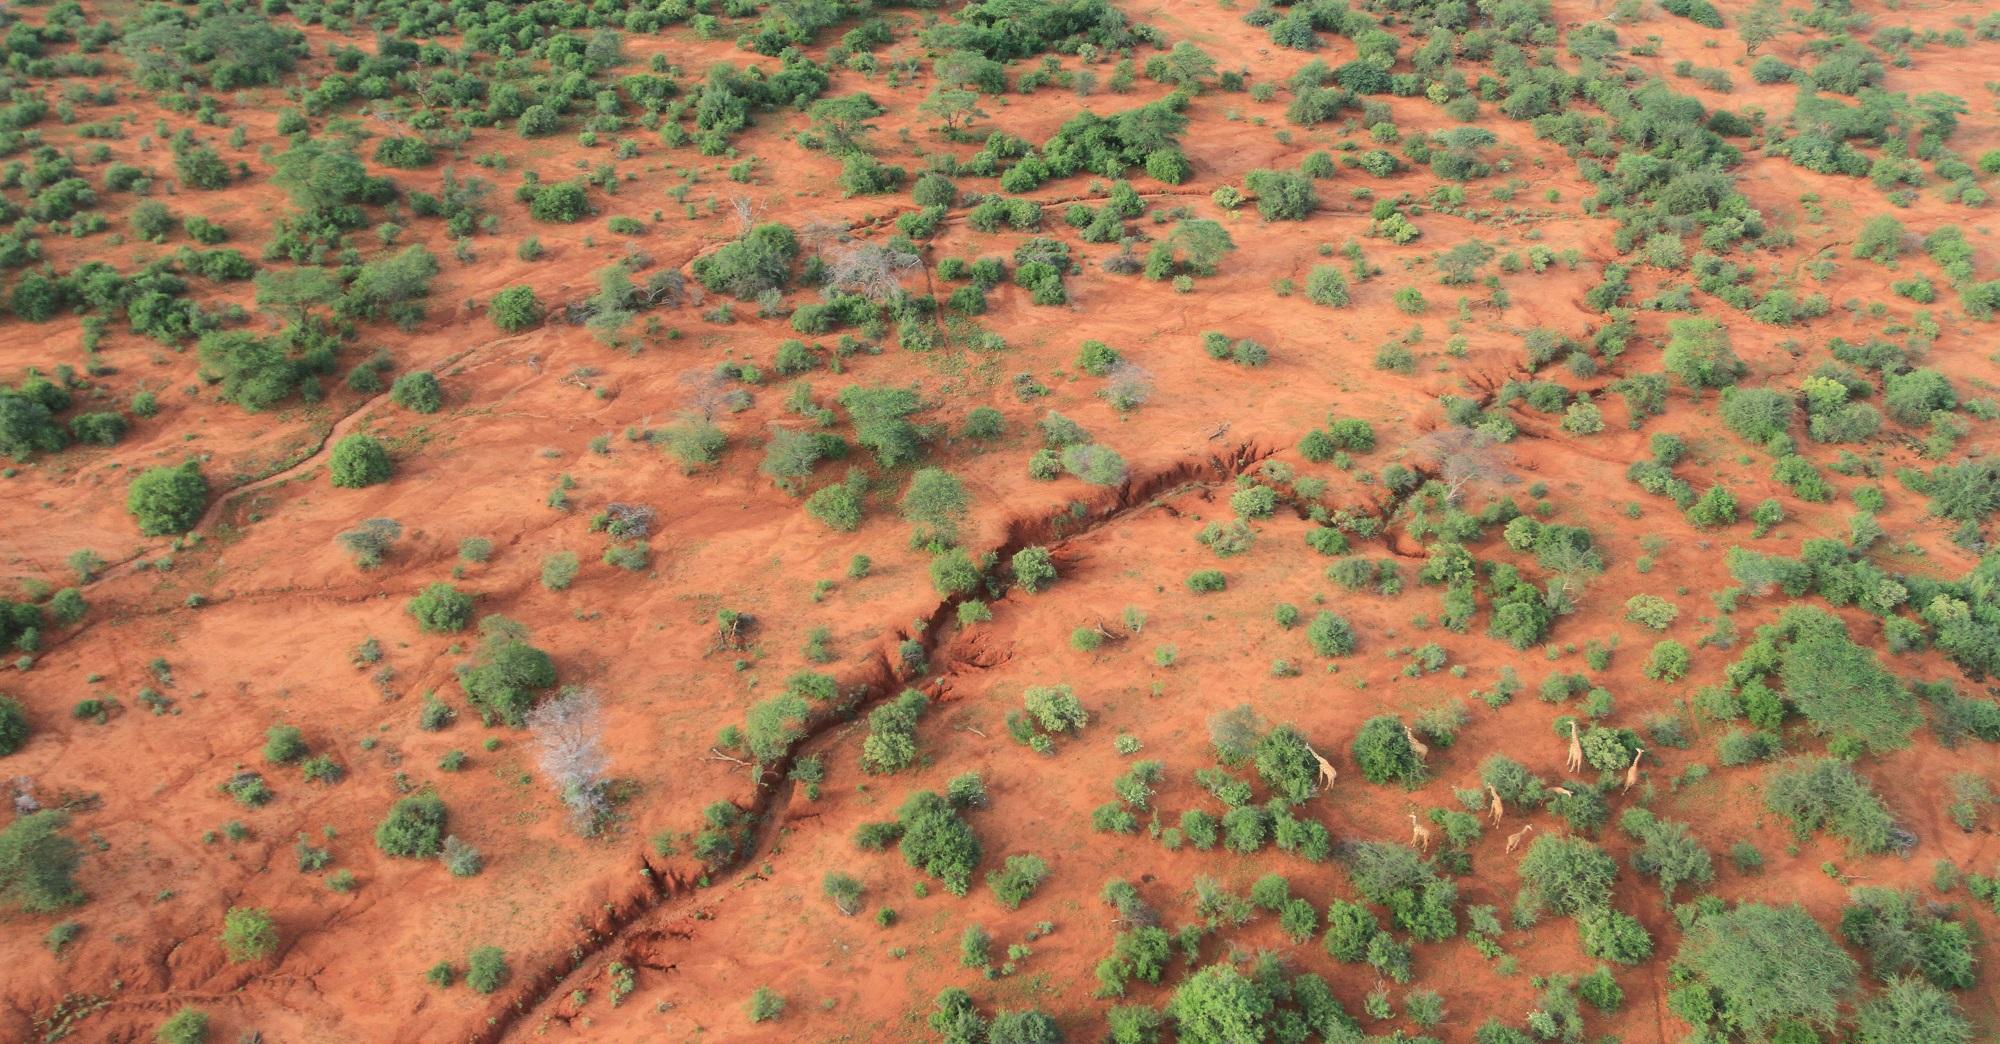 dieren in Afrika van bovenaf